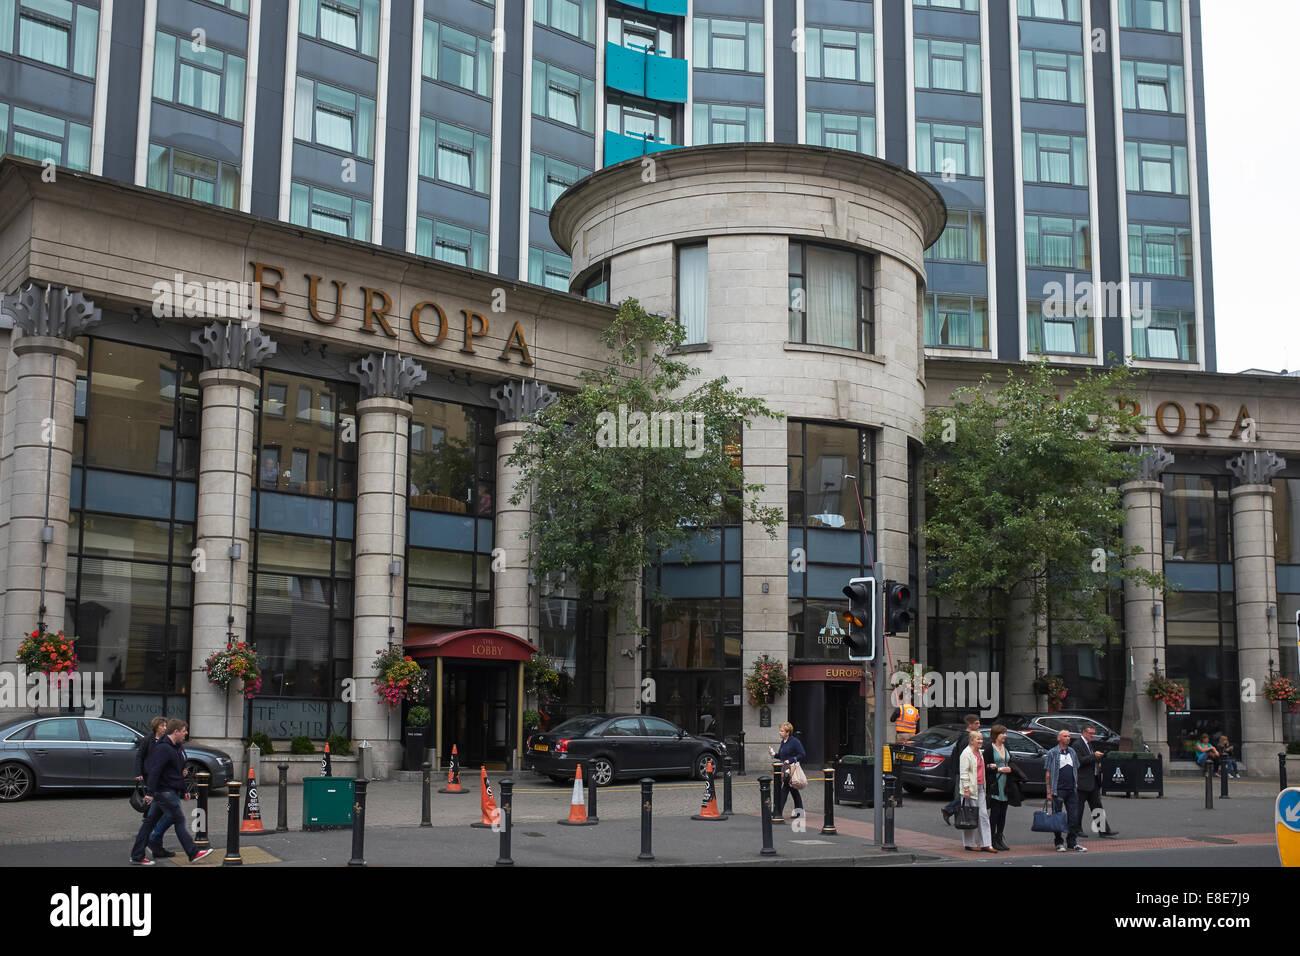 Entrée de l'hôtel Europa à Belfast City Centre Photo Stock